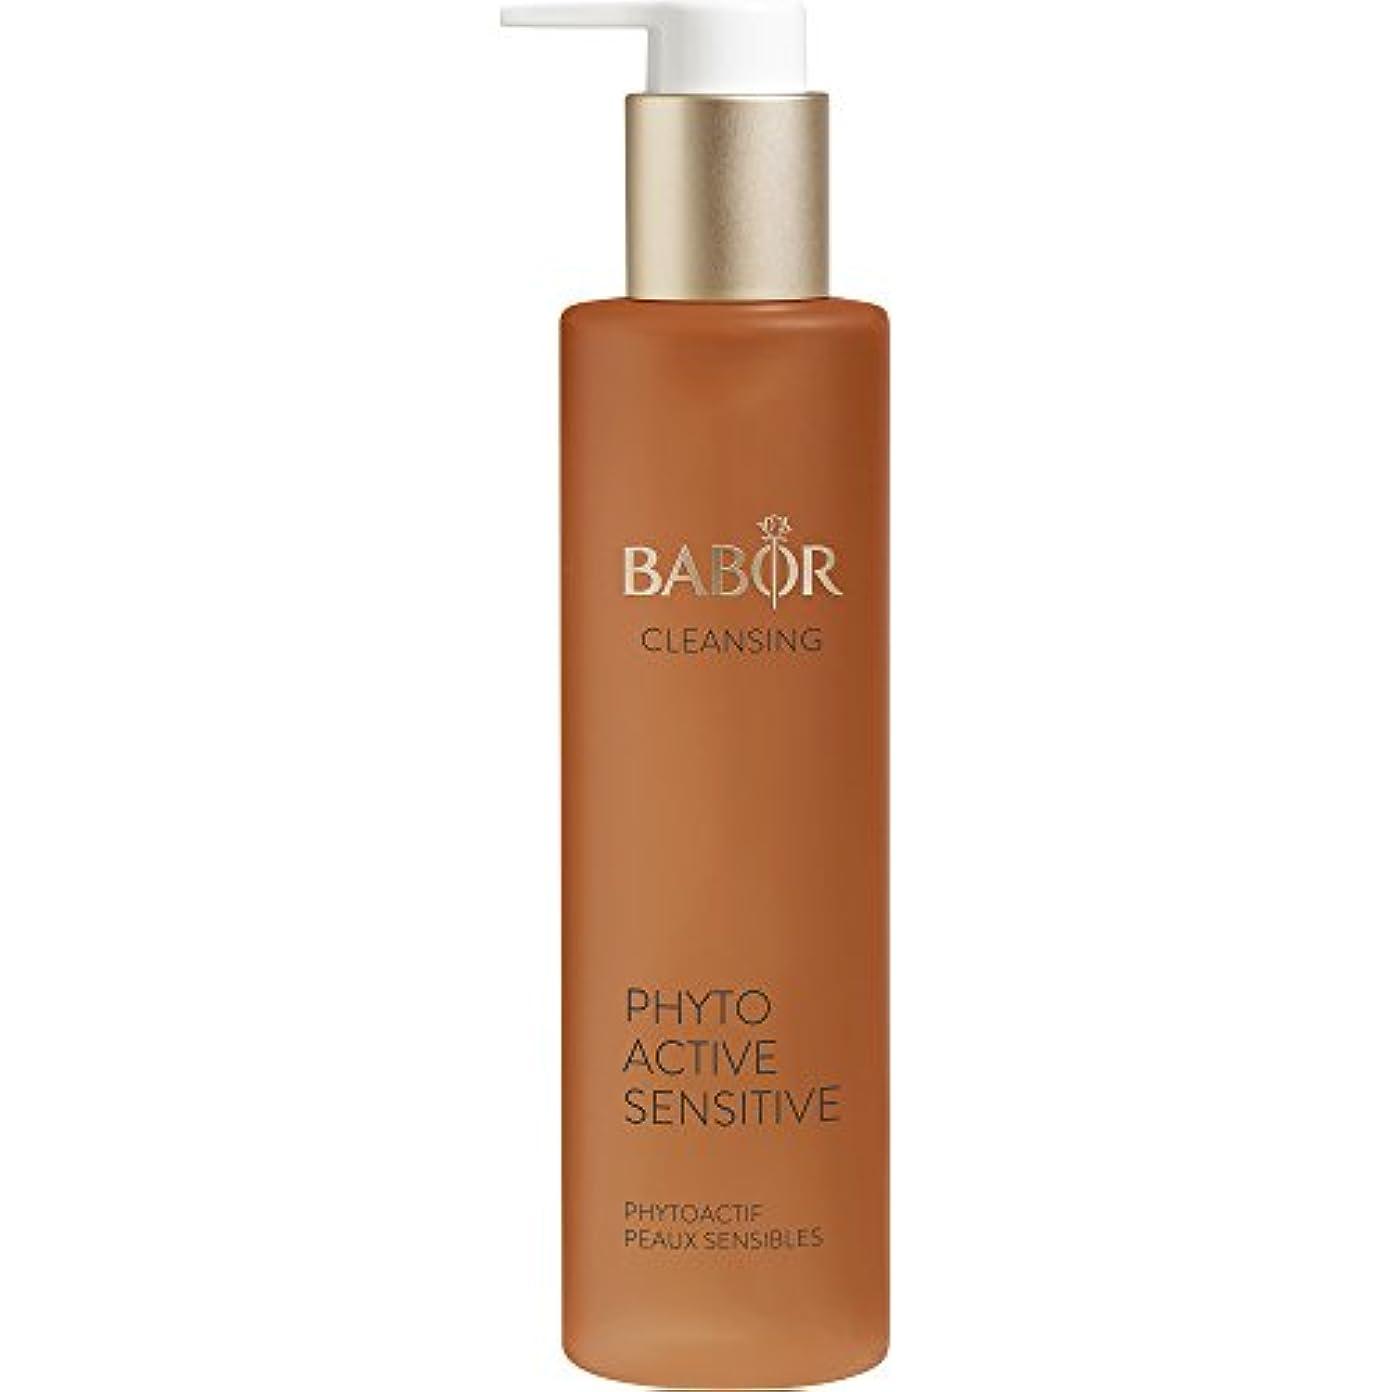 正確に事業内容症状バボール CLEANSING Phytoactive Sensitive -For Sensitive Skin 100ml/3.8oz並行輸入品